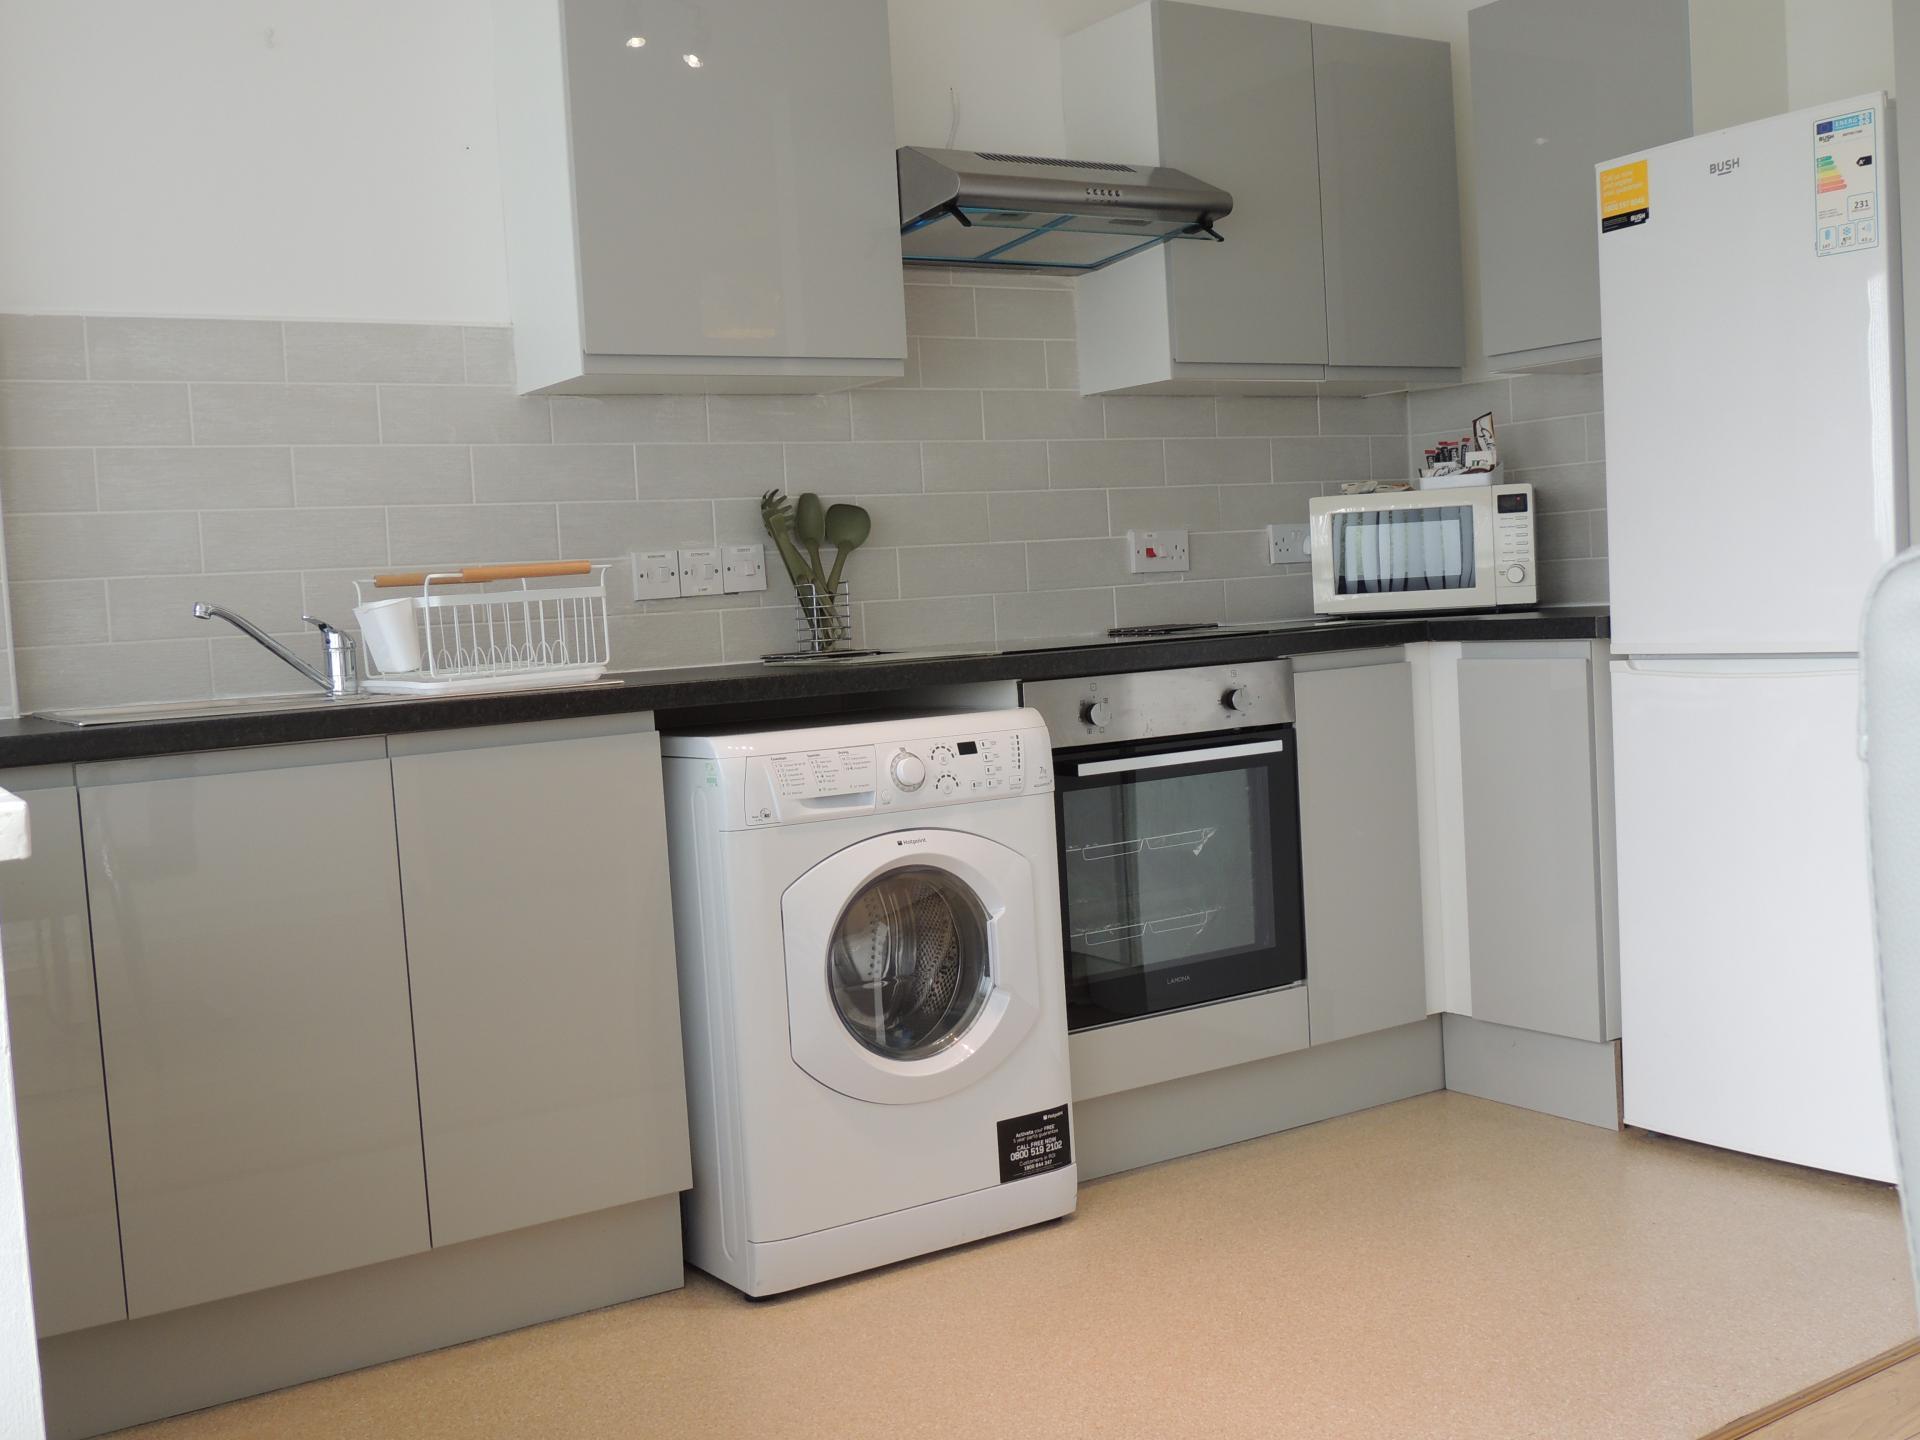 Washing machine at South Row Apartments - Citybase Apartments